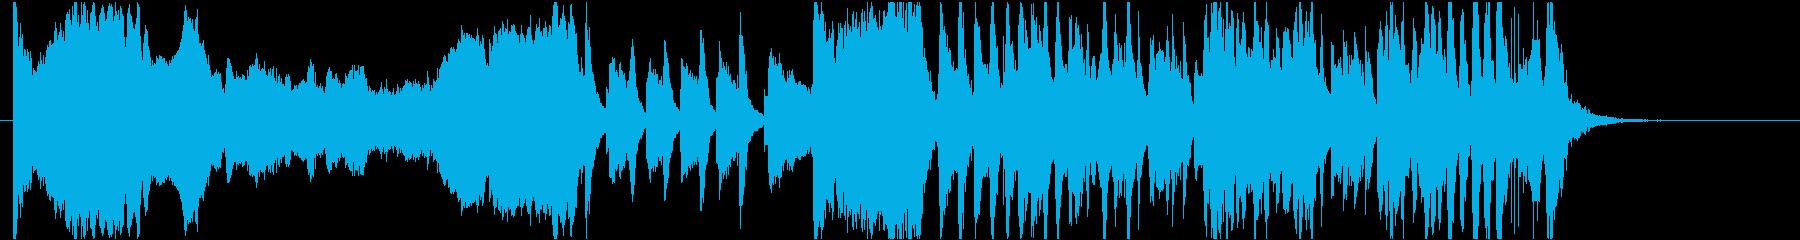 コミカルBGM ガガーンと落ち込む時の再生済みの波形